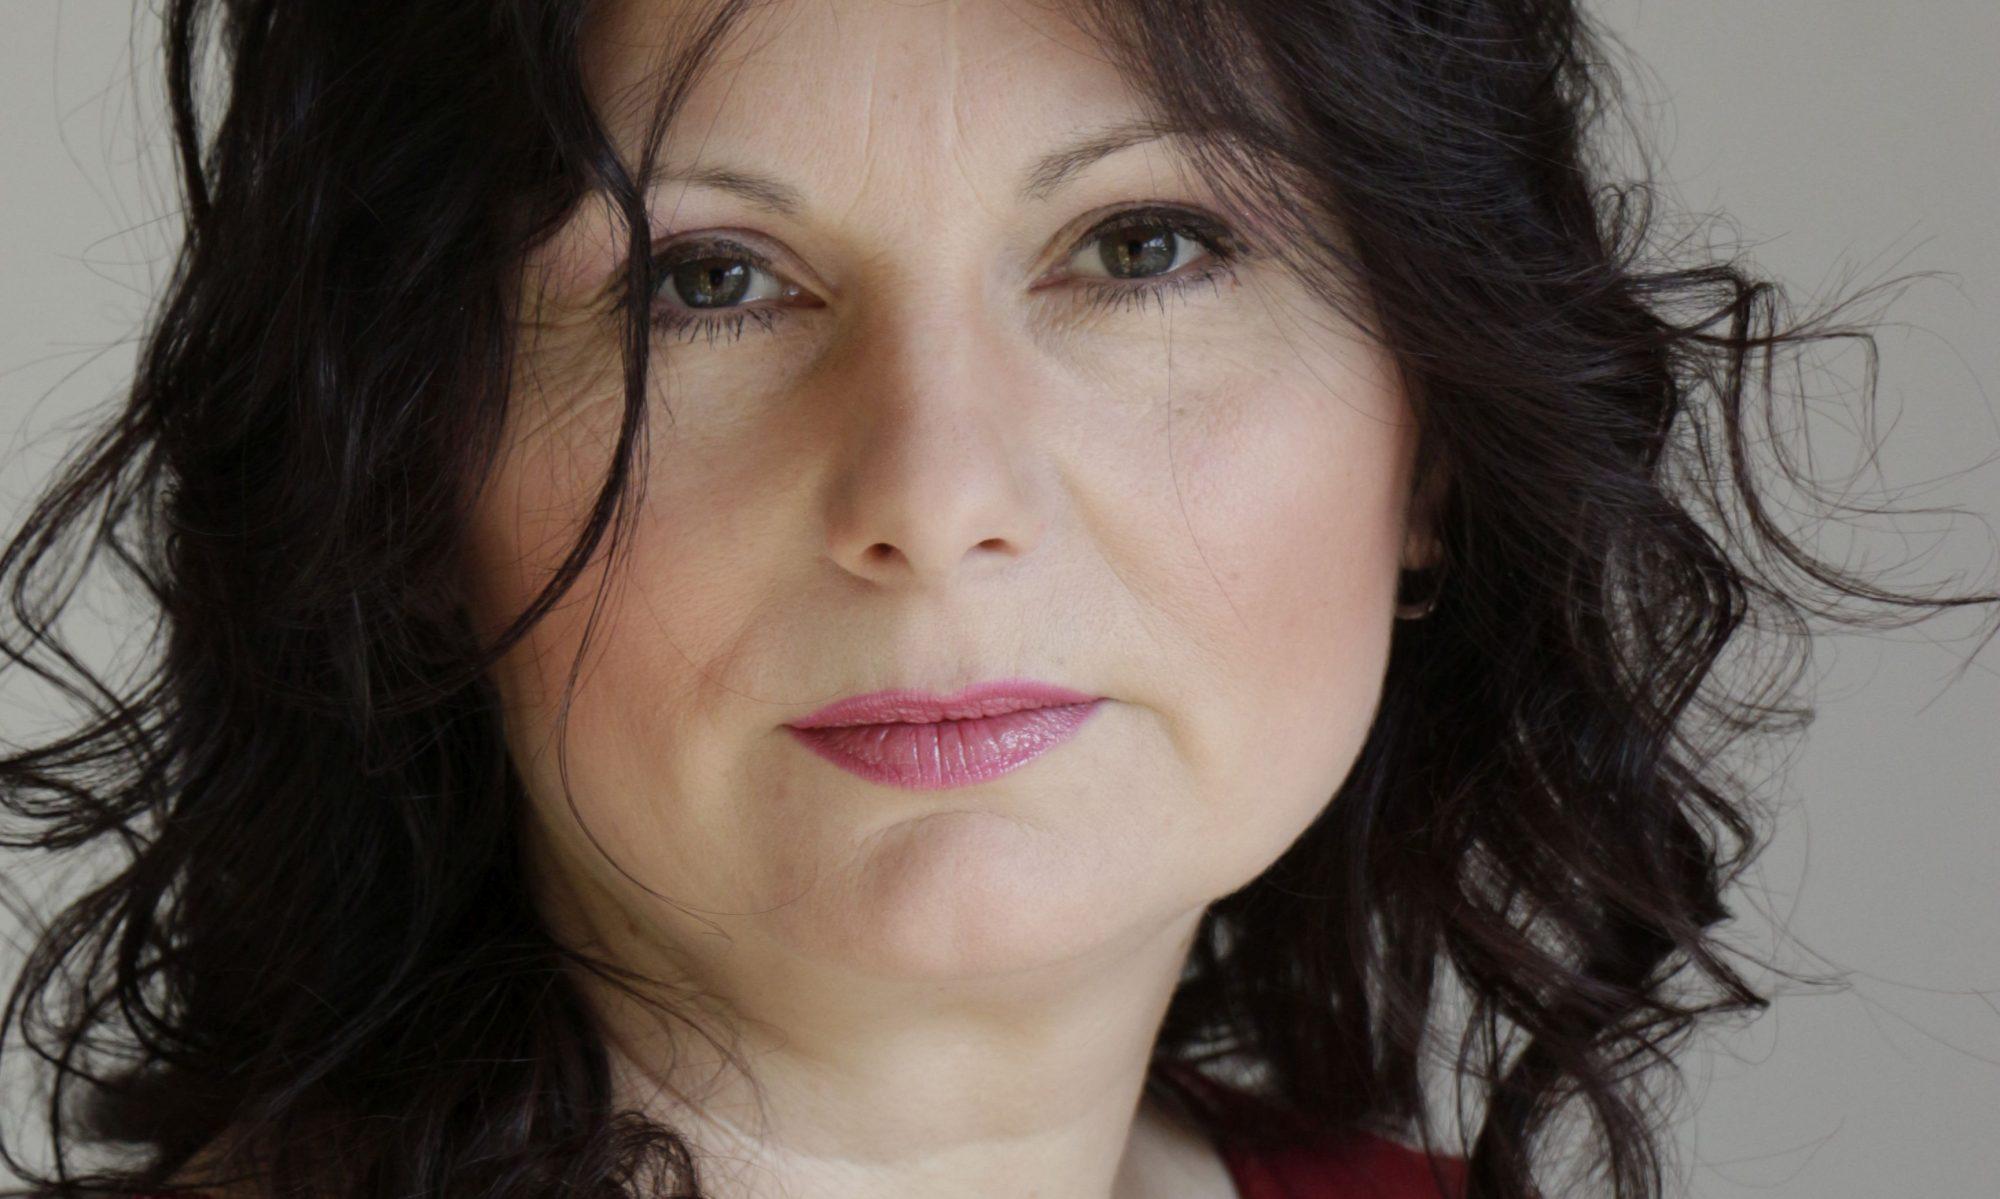 Martina Veit